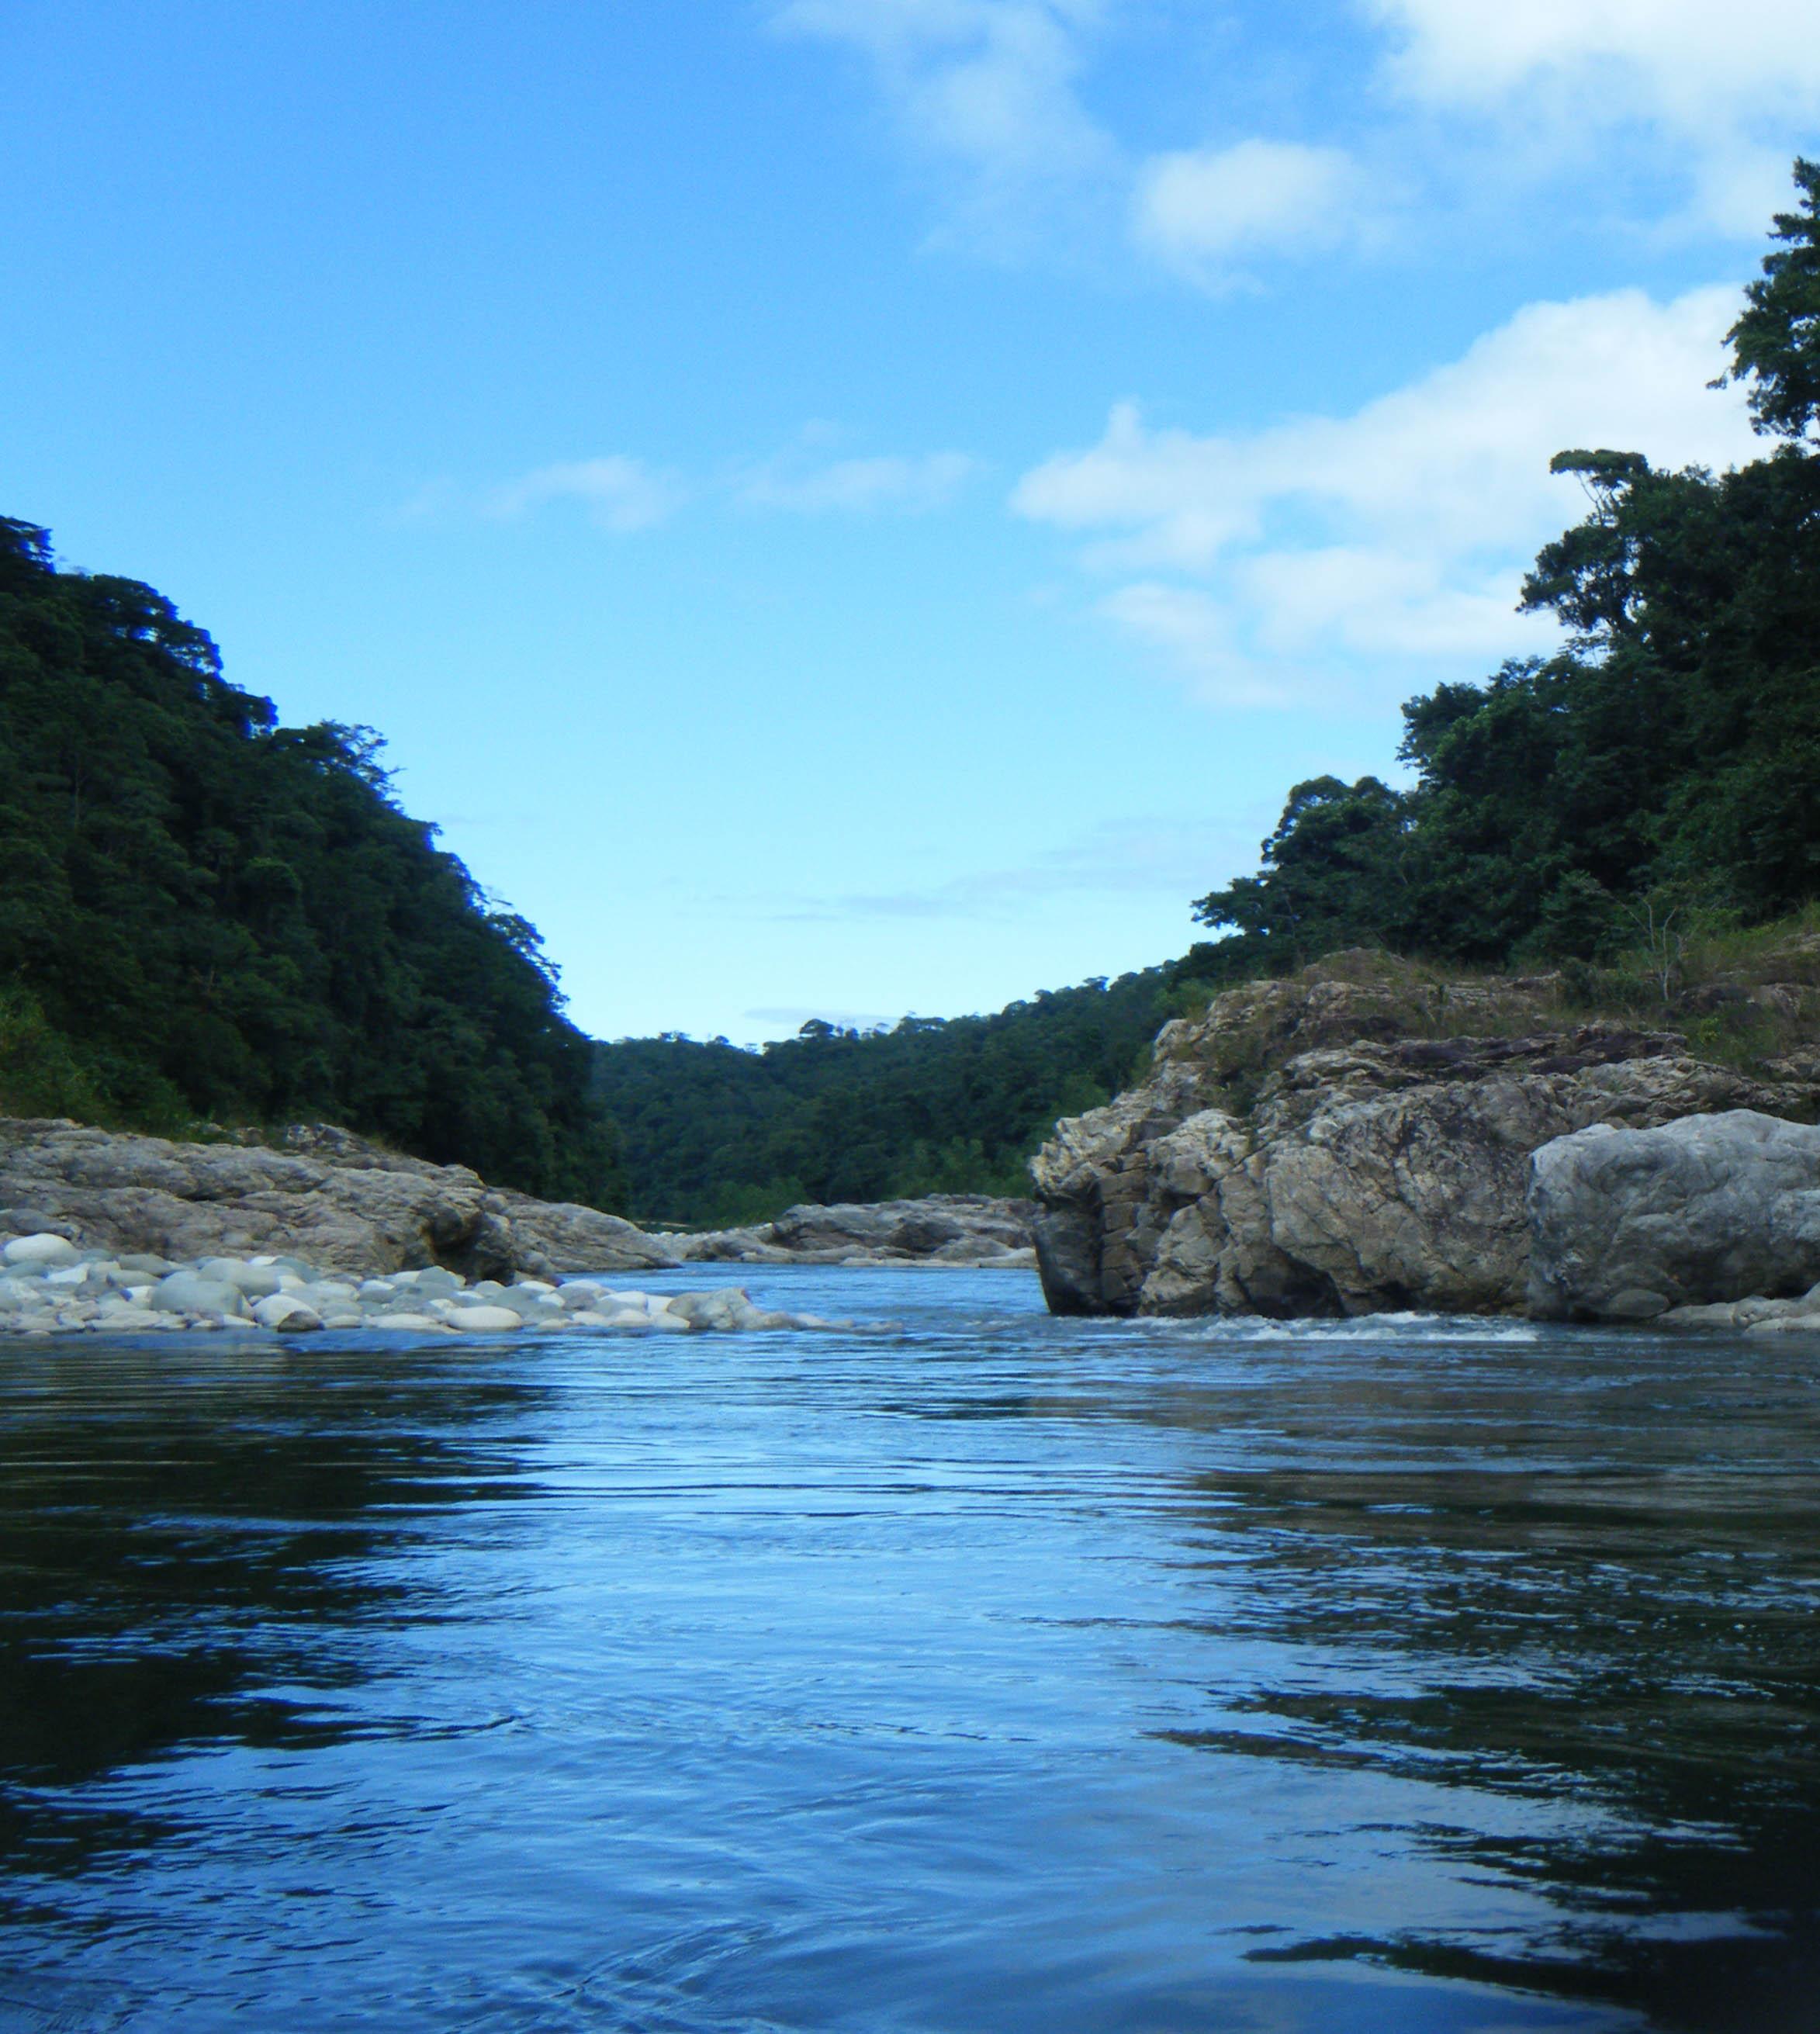 12-29-10 rafting trip.jpg